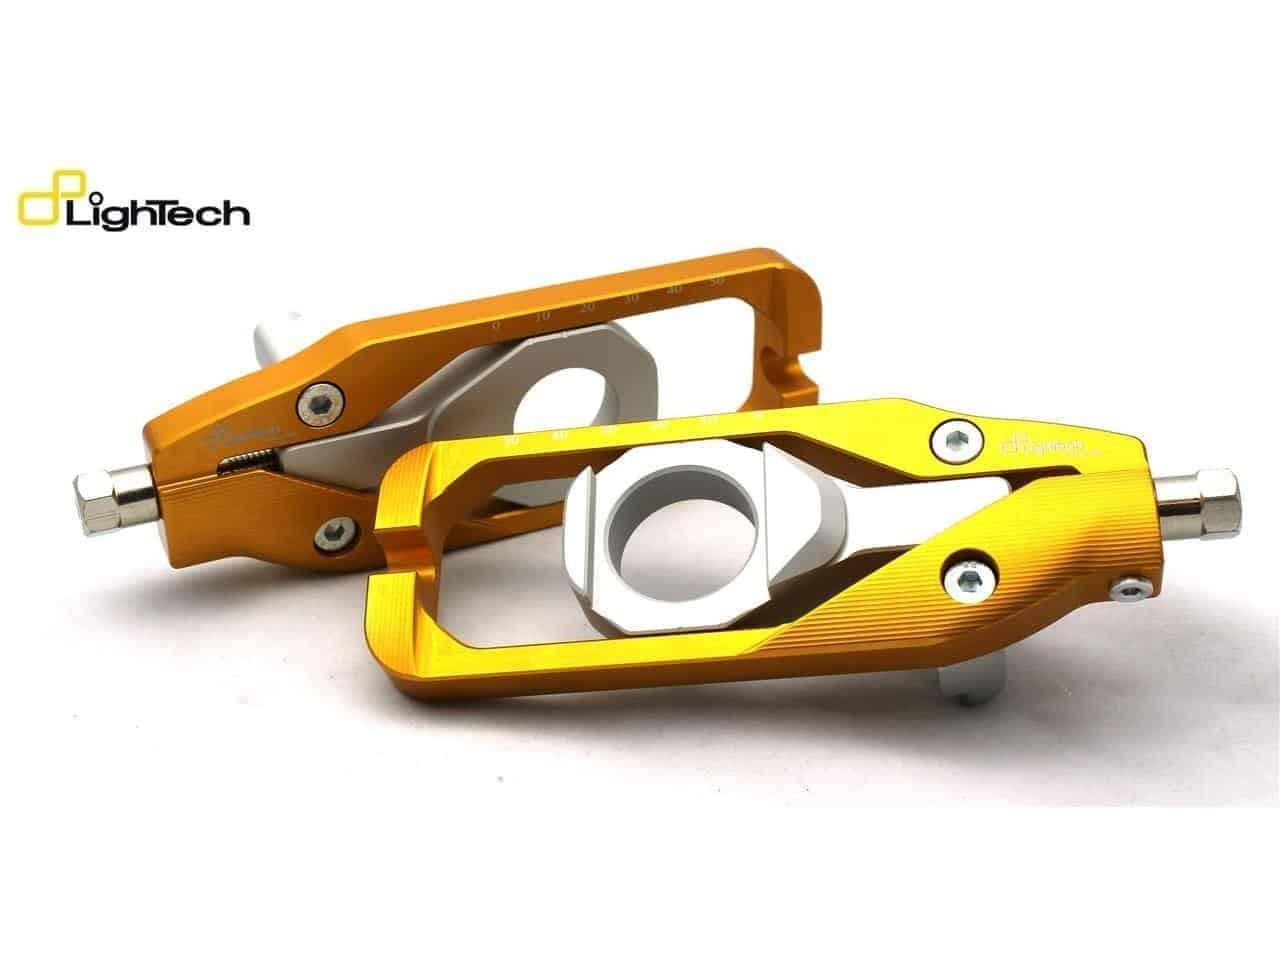 Tendeur Chaine Lightech Kawasaki ZX10R ZX6R or